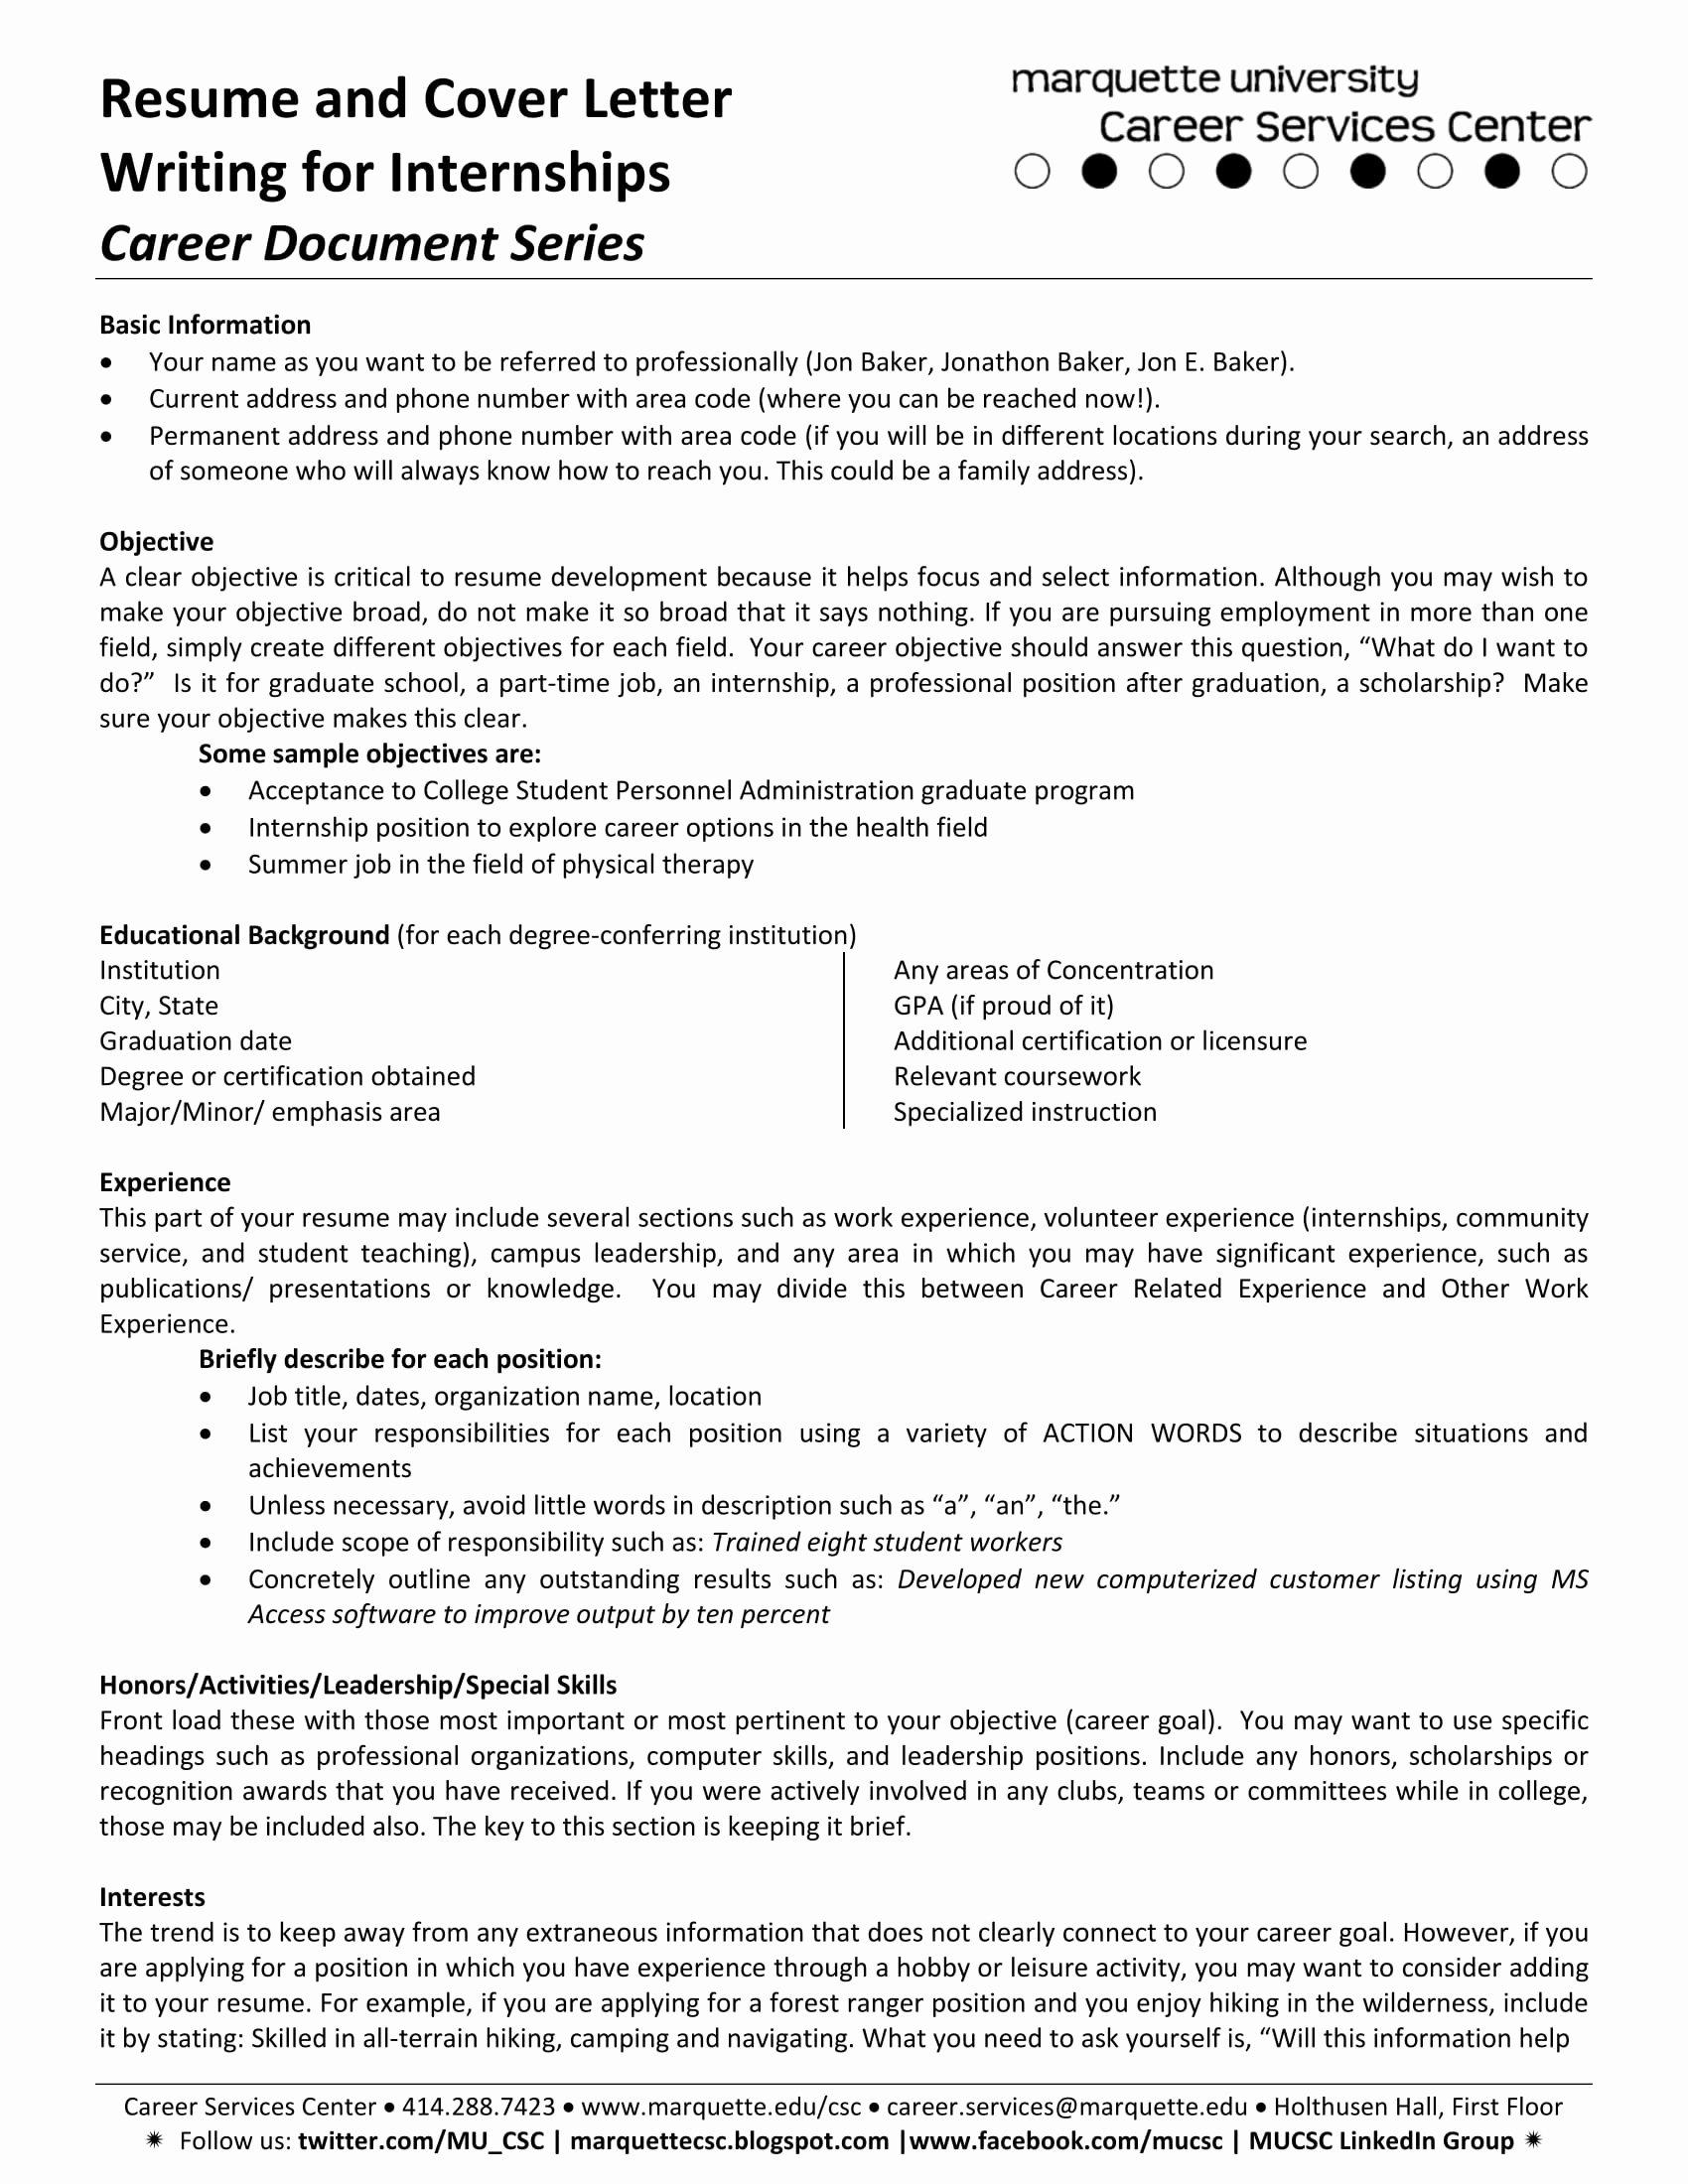 Internship Letter From Employer Fresh 16 Best Cover Letter Samples for Internship